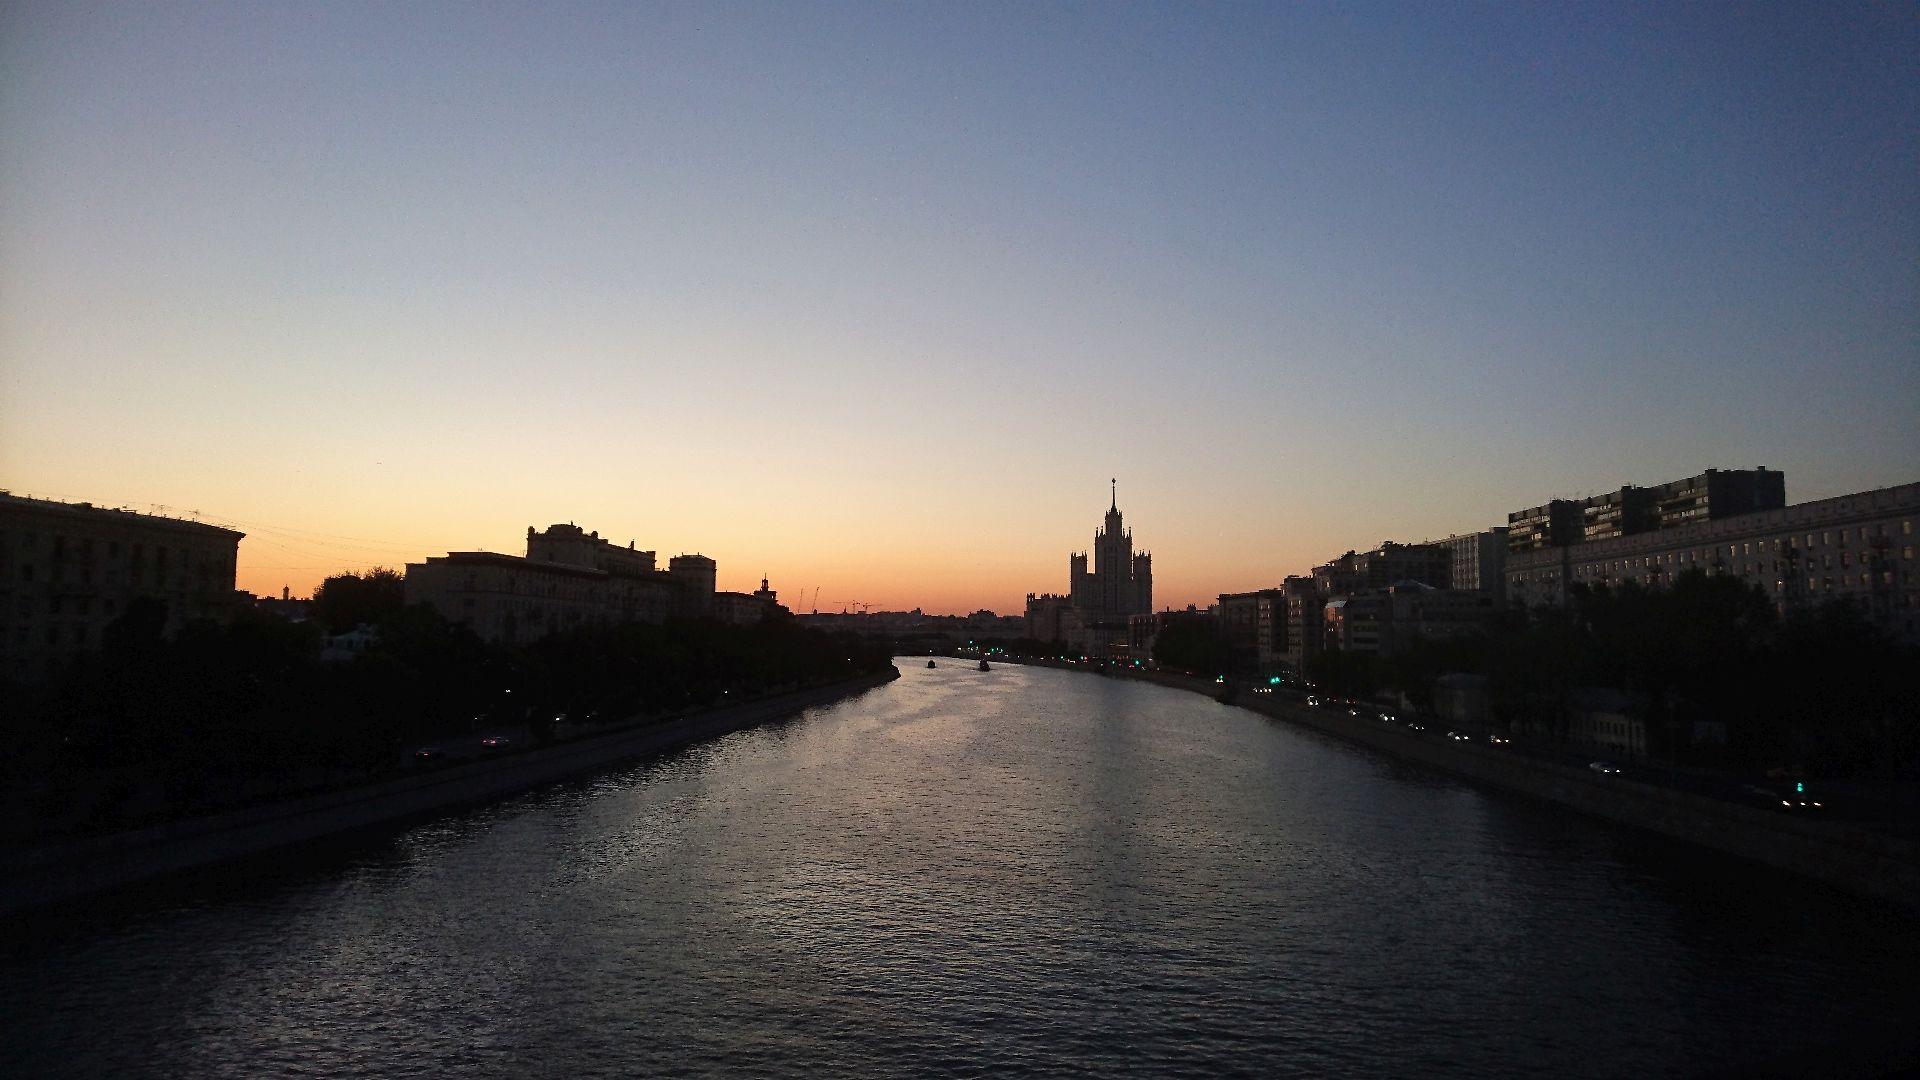 Таганка Вид с Краснохолмского моста июнь 2019.jpg